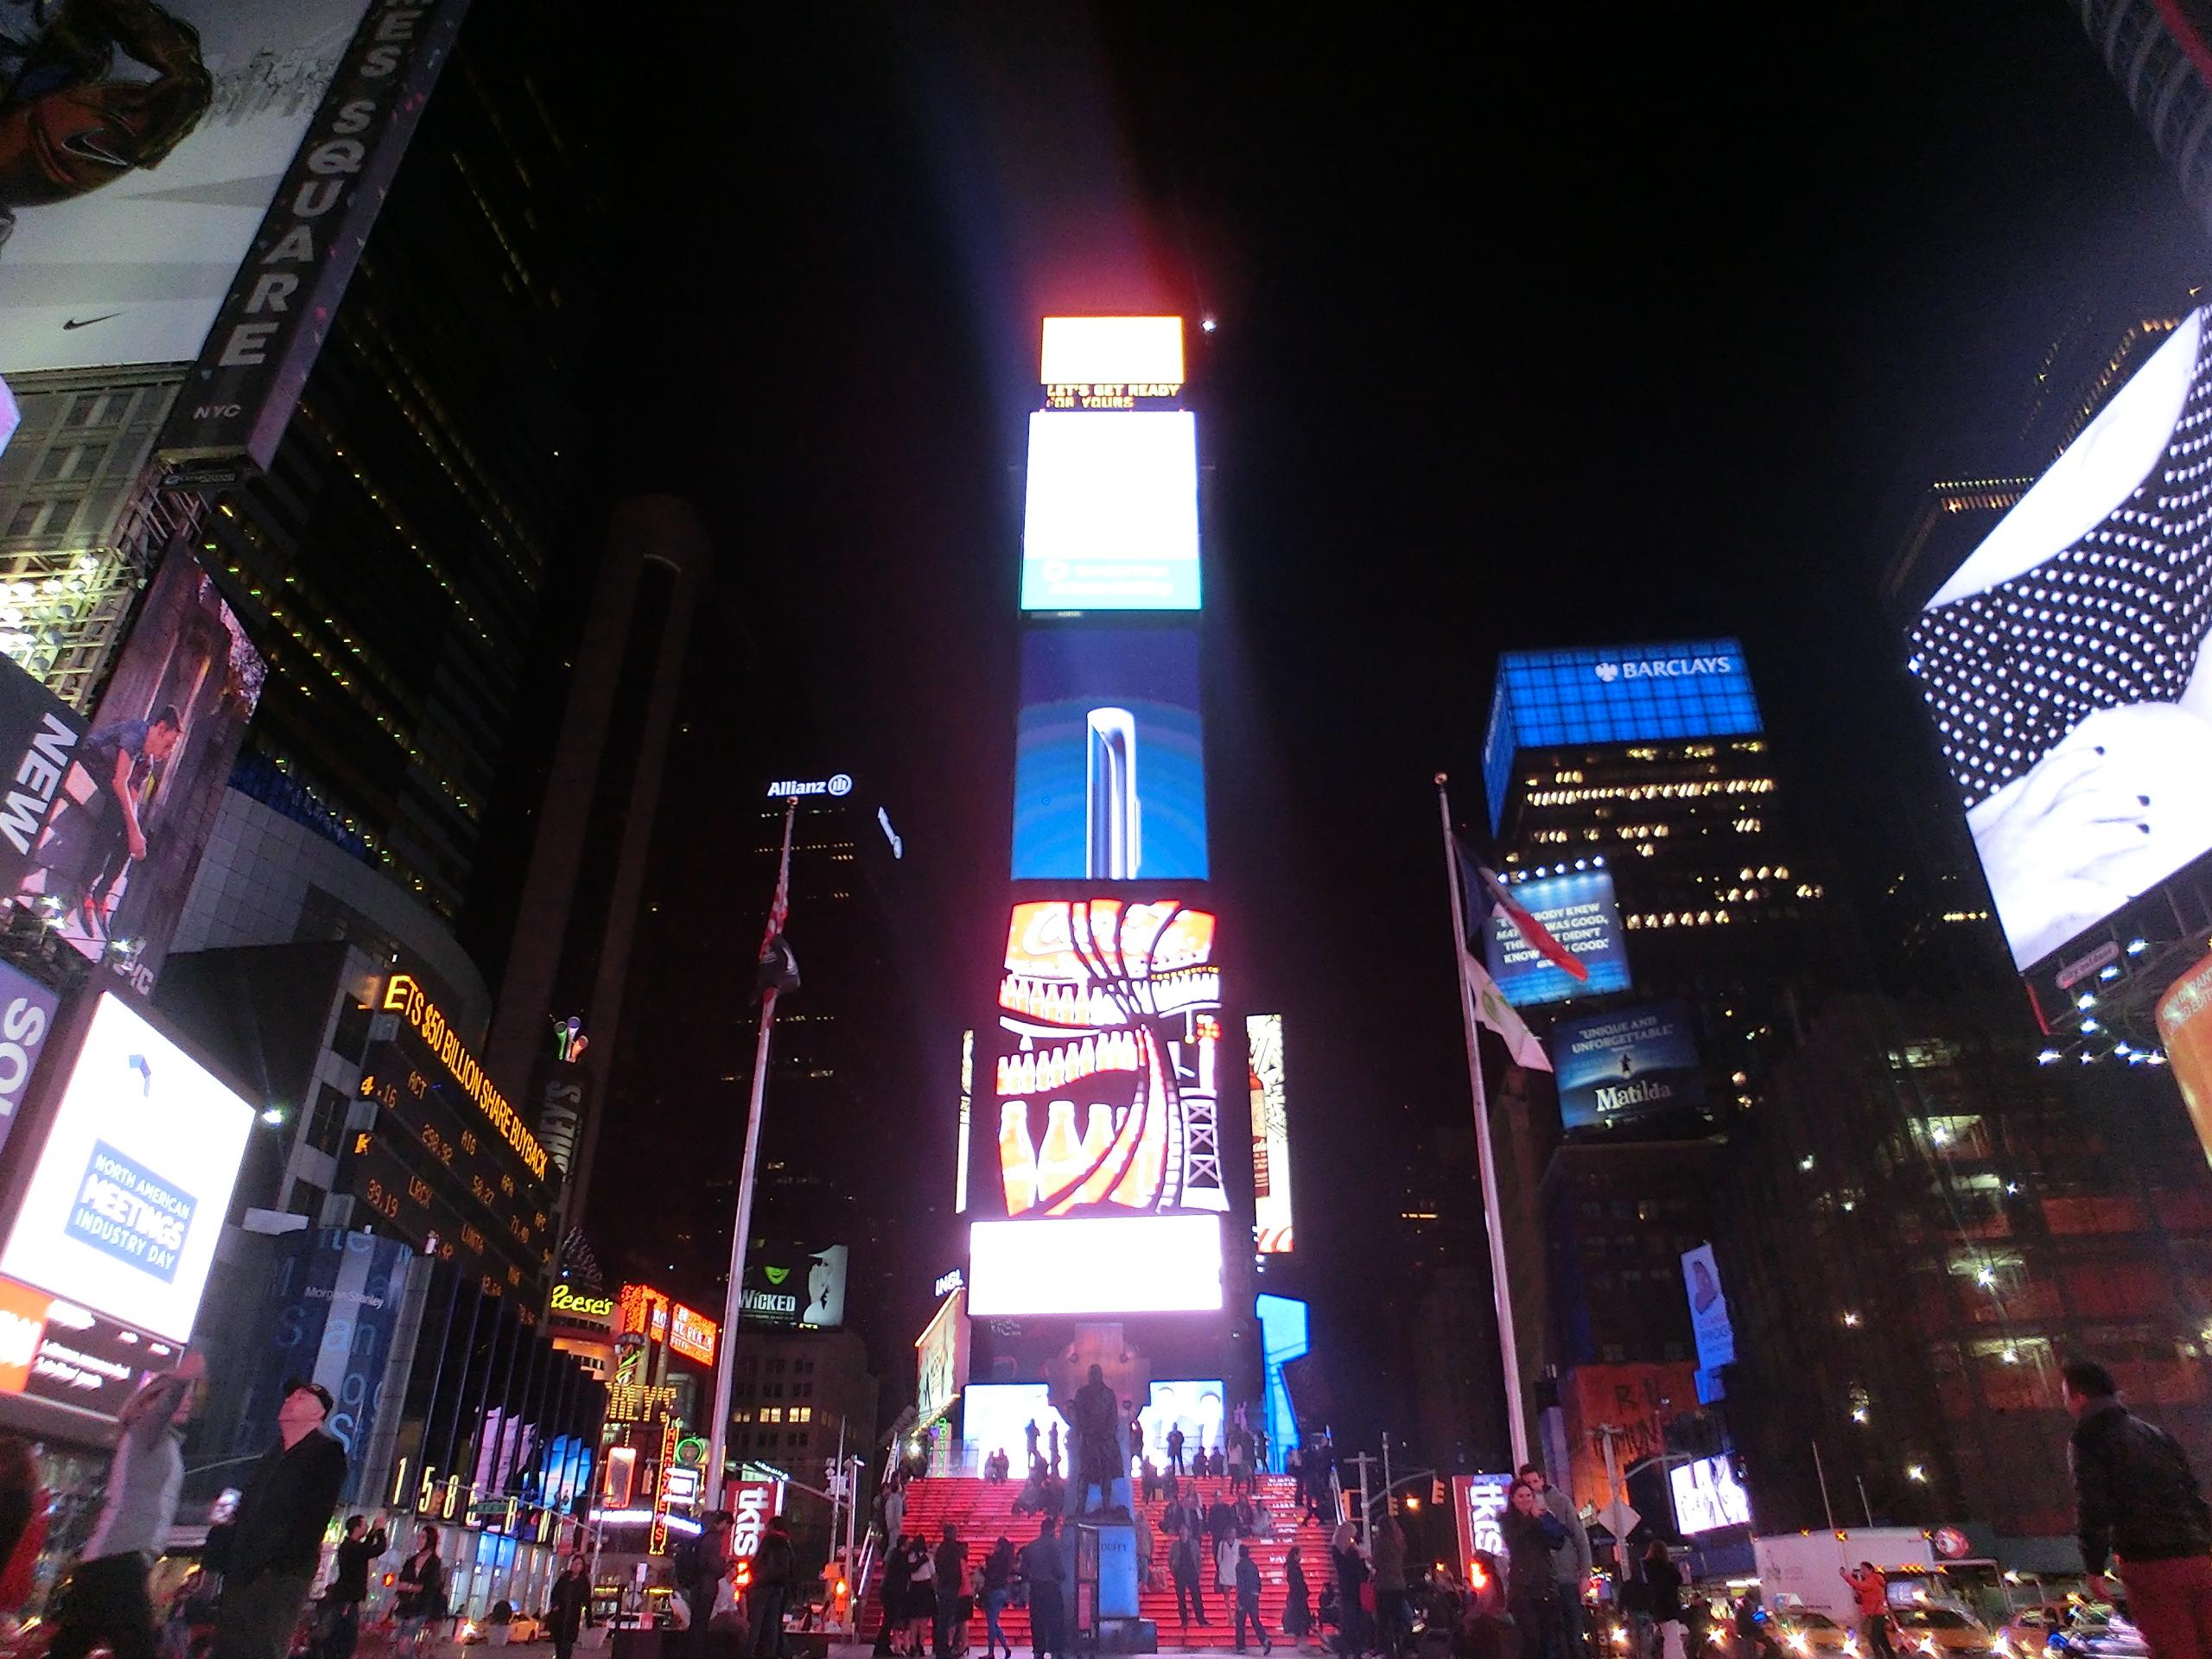 字路口商业繁荣纽约时代广场-十字路口商业繁荣